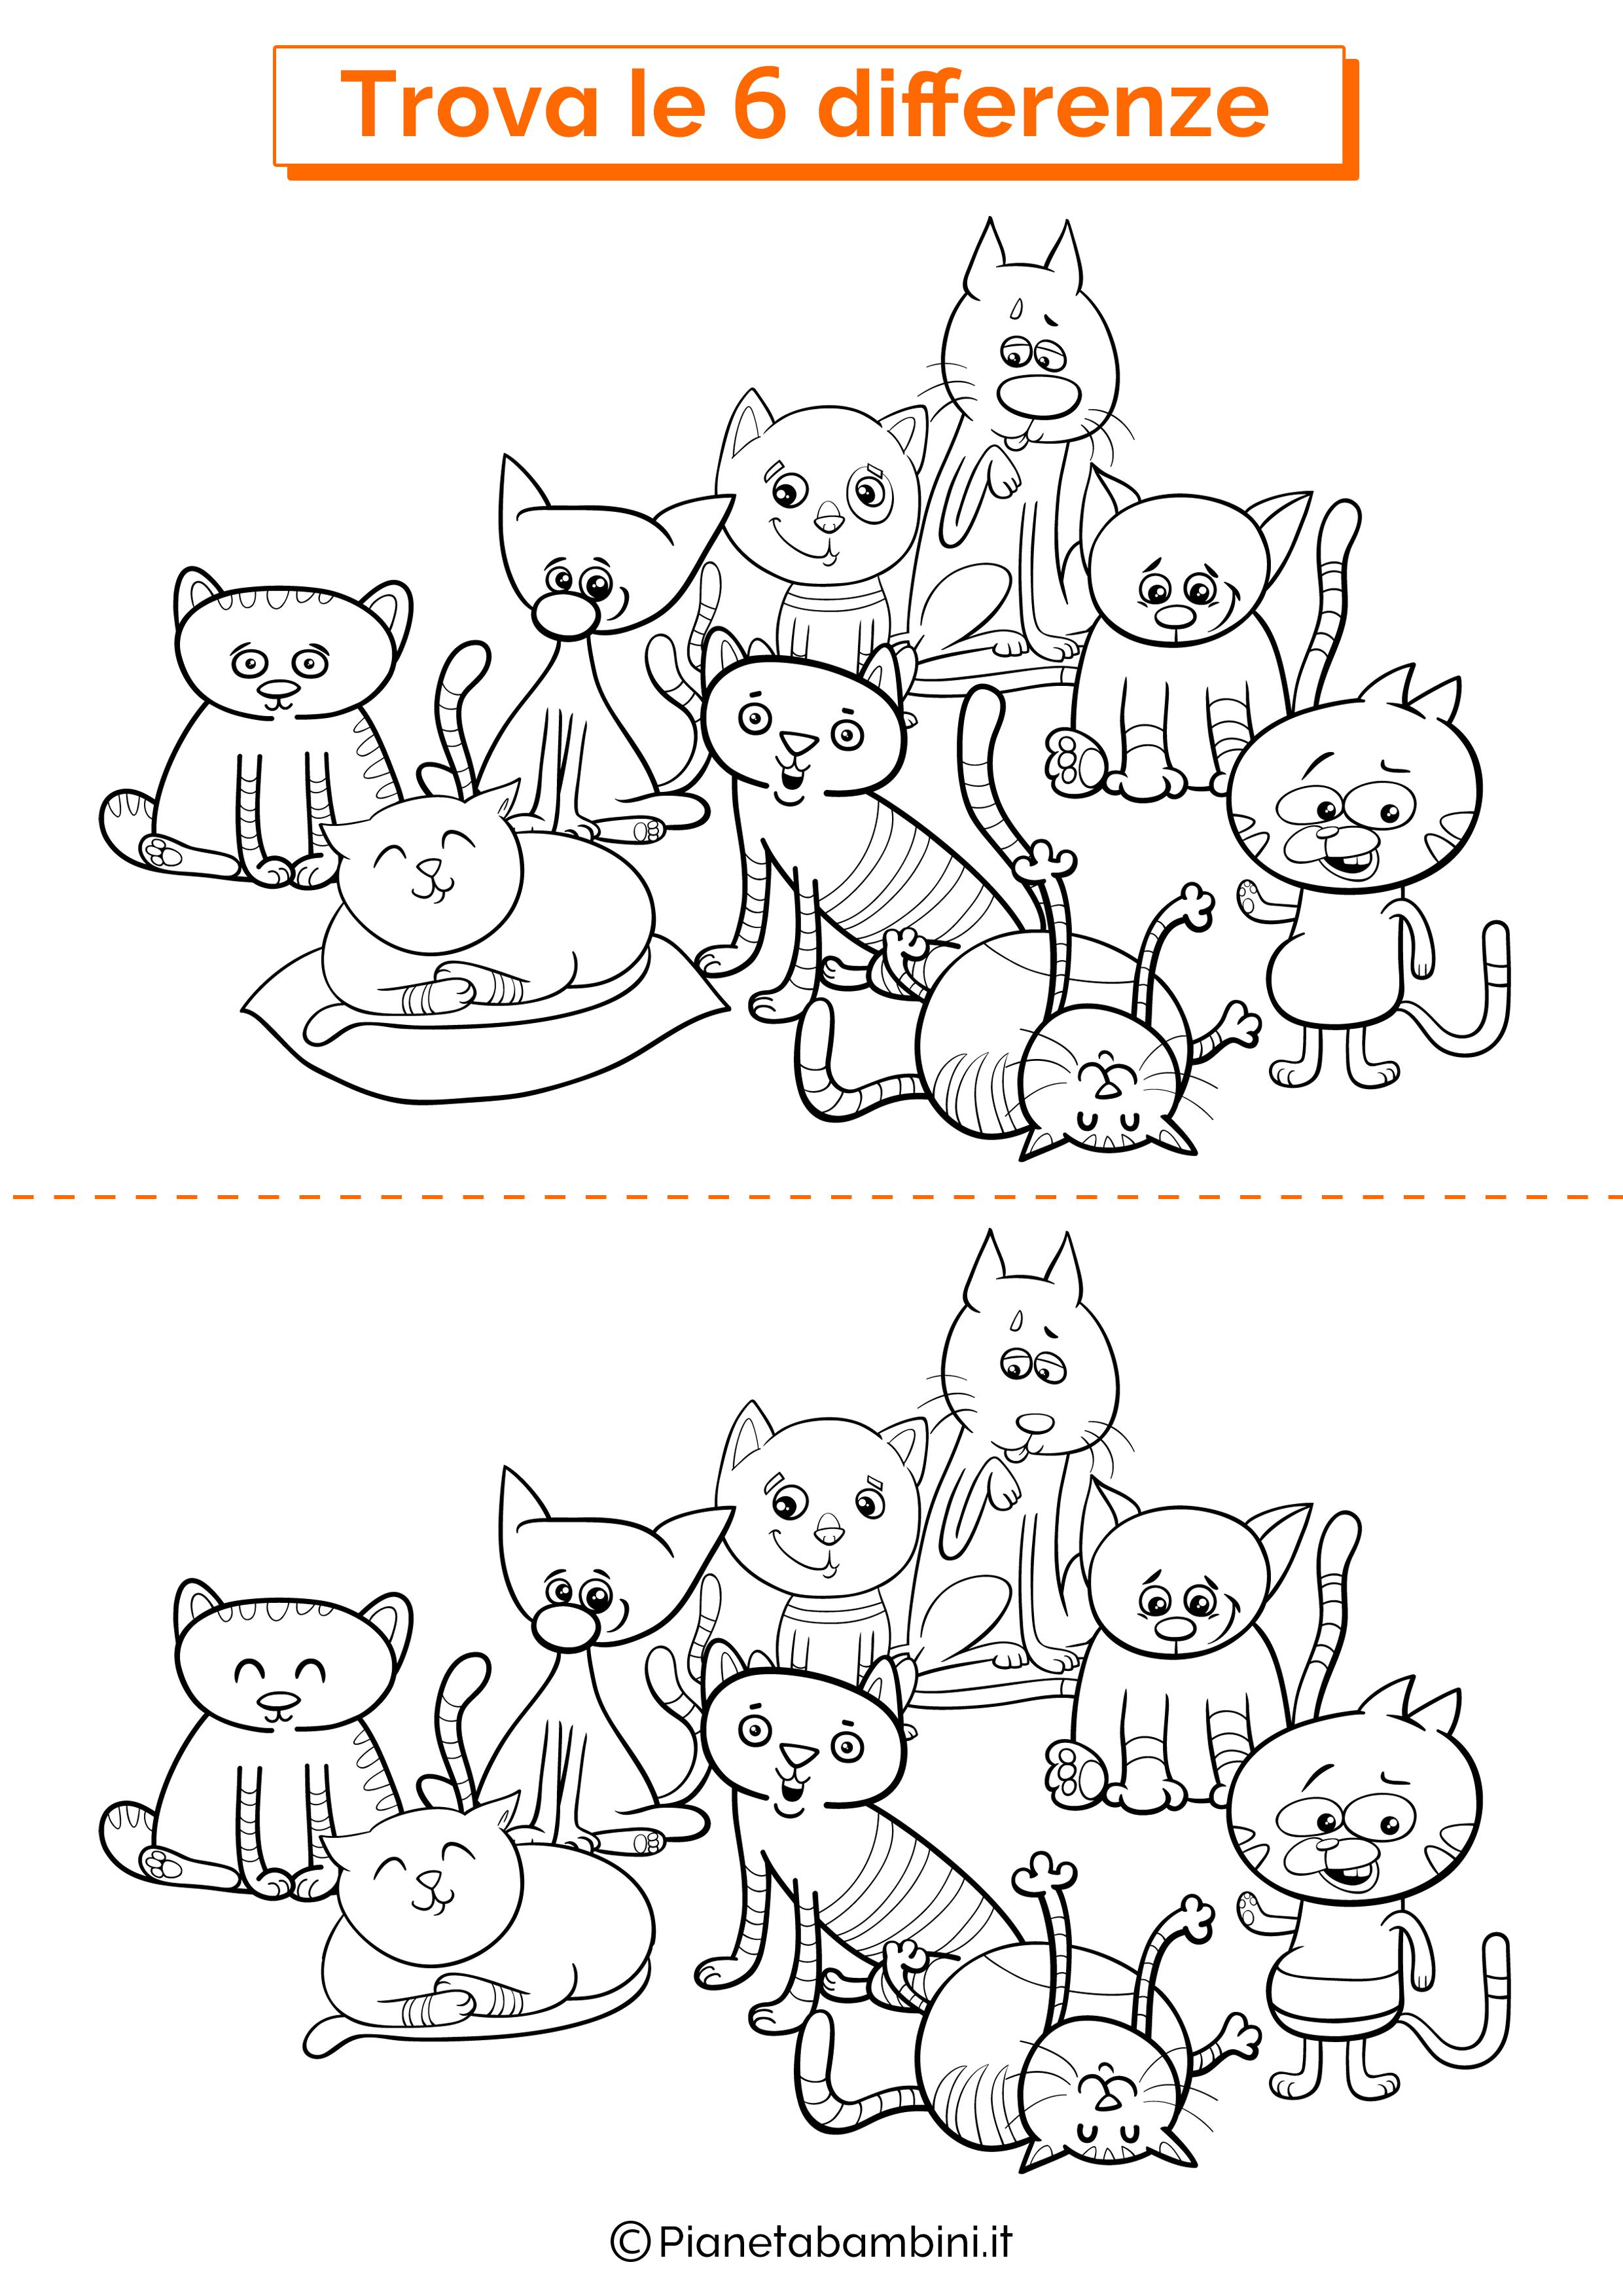 Disegno trova 6 differenze gatti